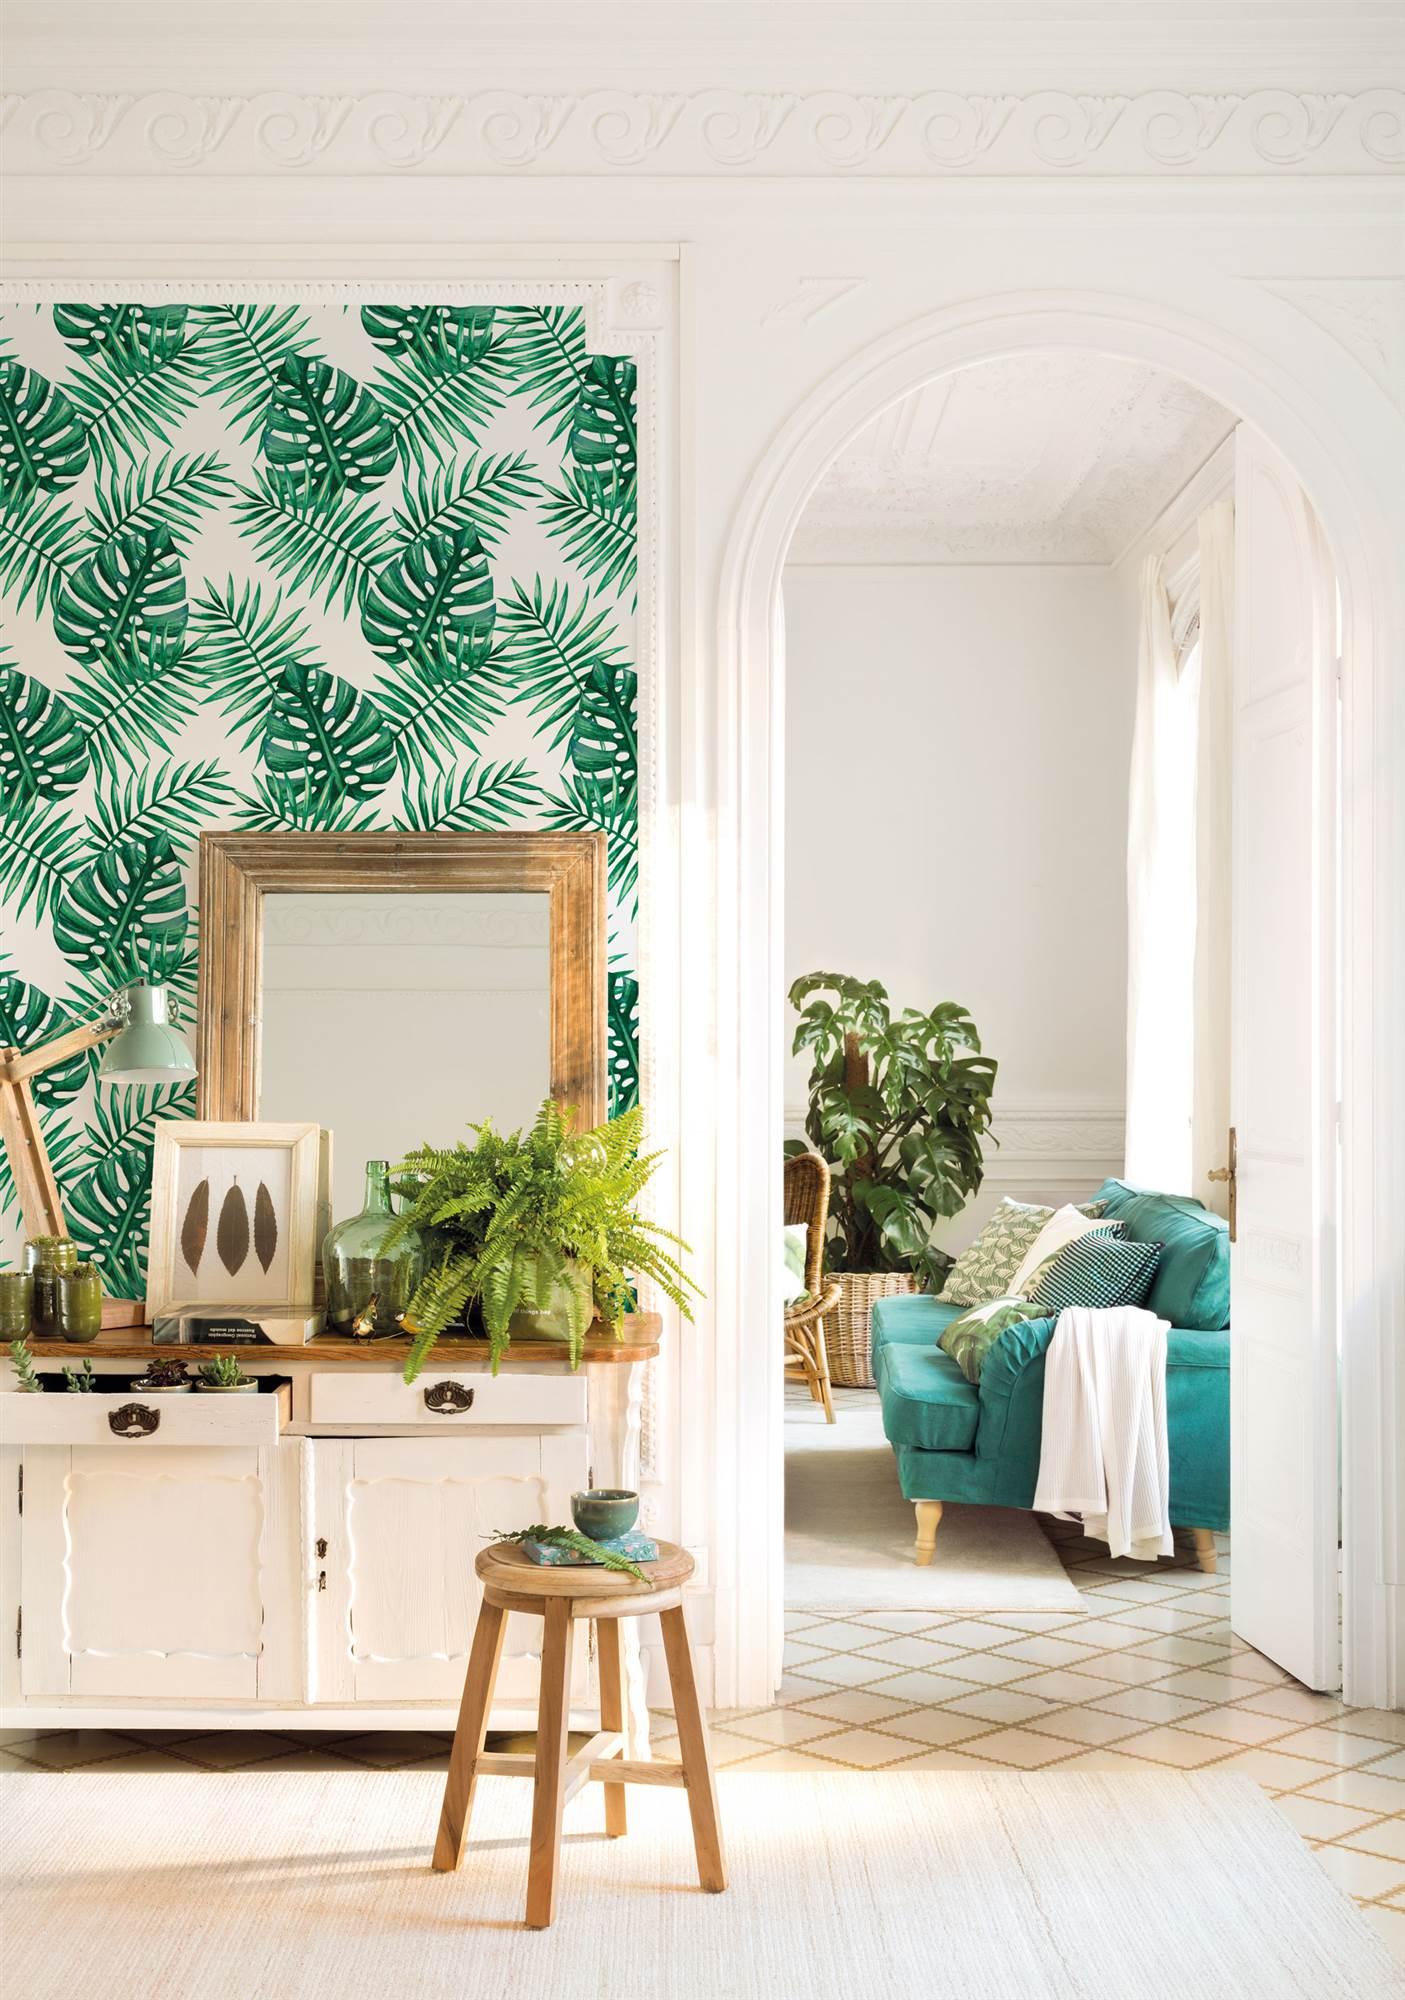 485 fotos de papel pintado - Papel pintado de pared ...